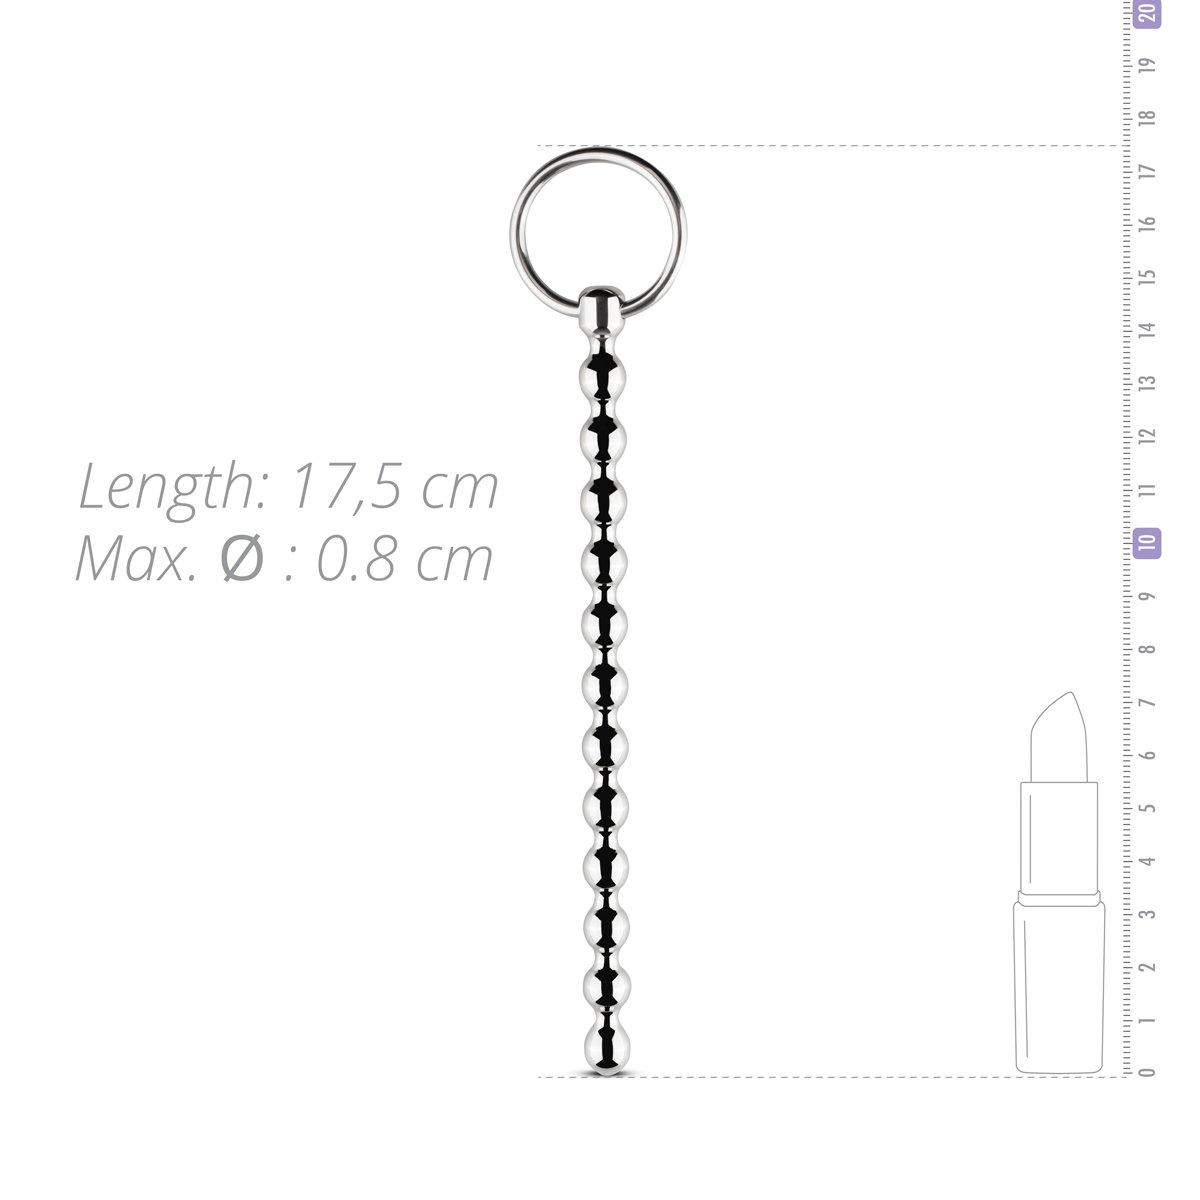 Sinner Gear -Dilatador de cinta rígida con anillo de tracción - (Ø 17.5 CM length and 14 CM insert) - Juguete Erótico para Adultos: Amazon.es: Salud y ...